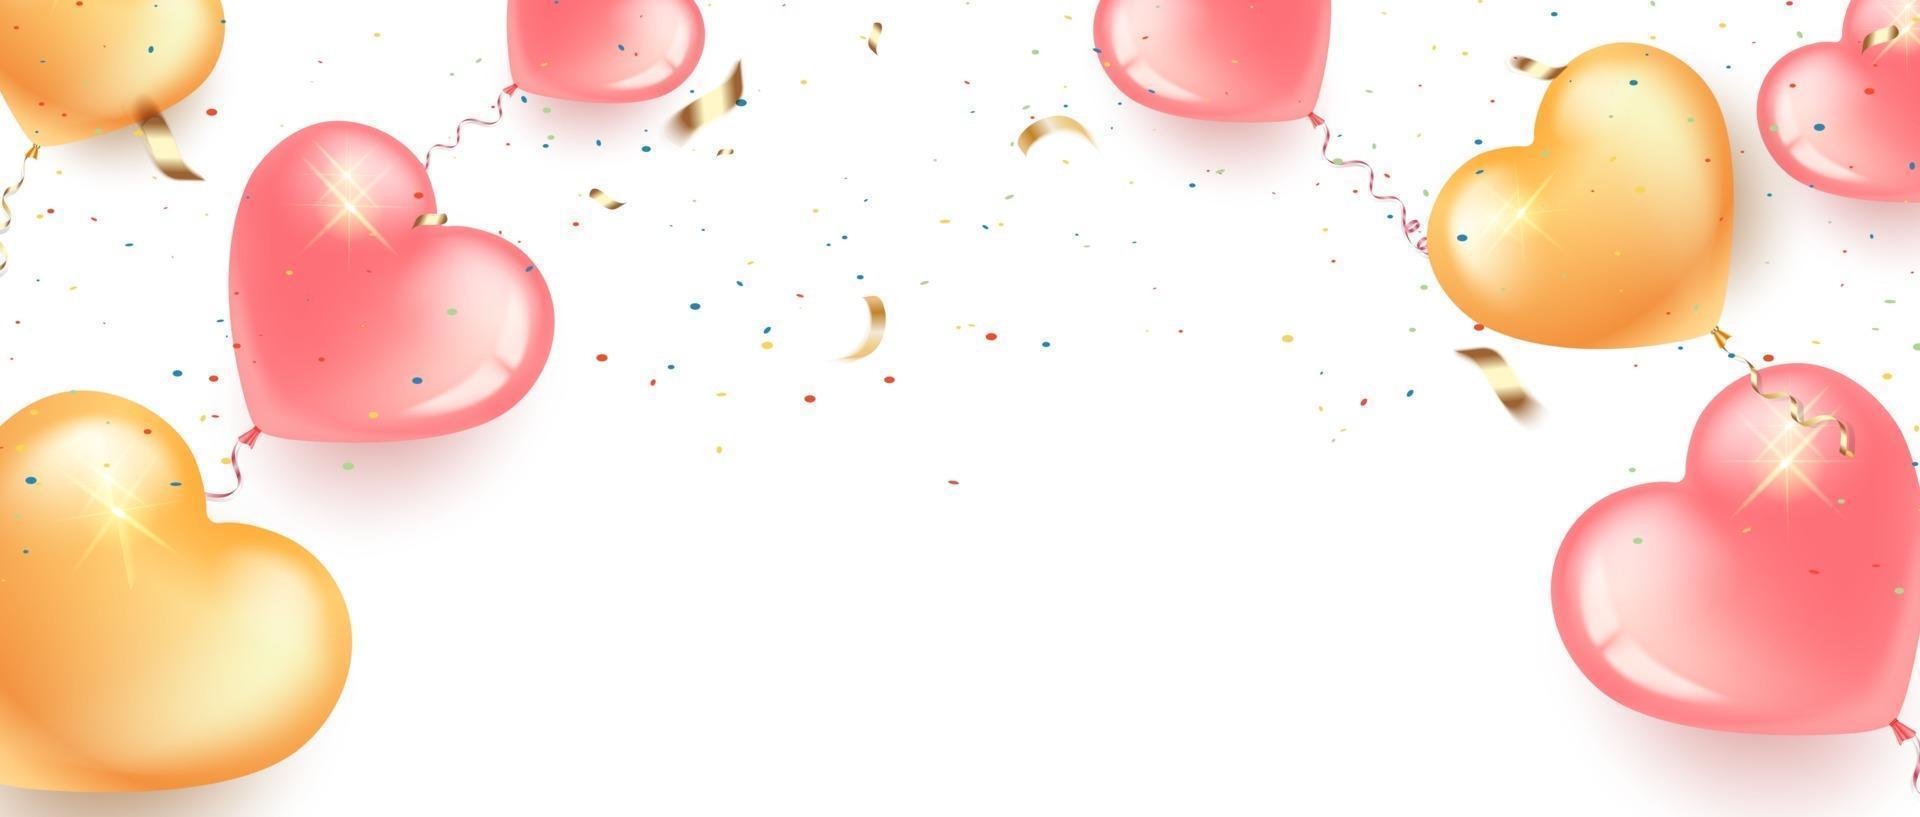 banner festivo com balões em forma de coração rosa e dourado vetor